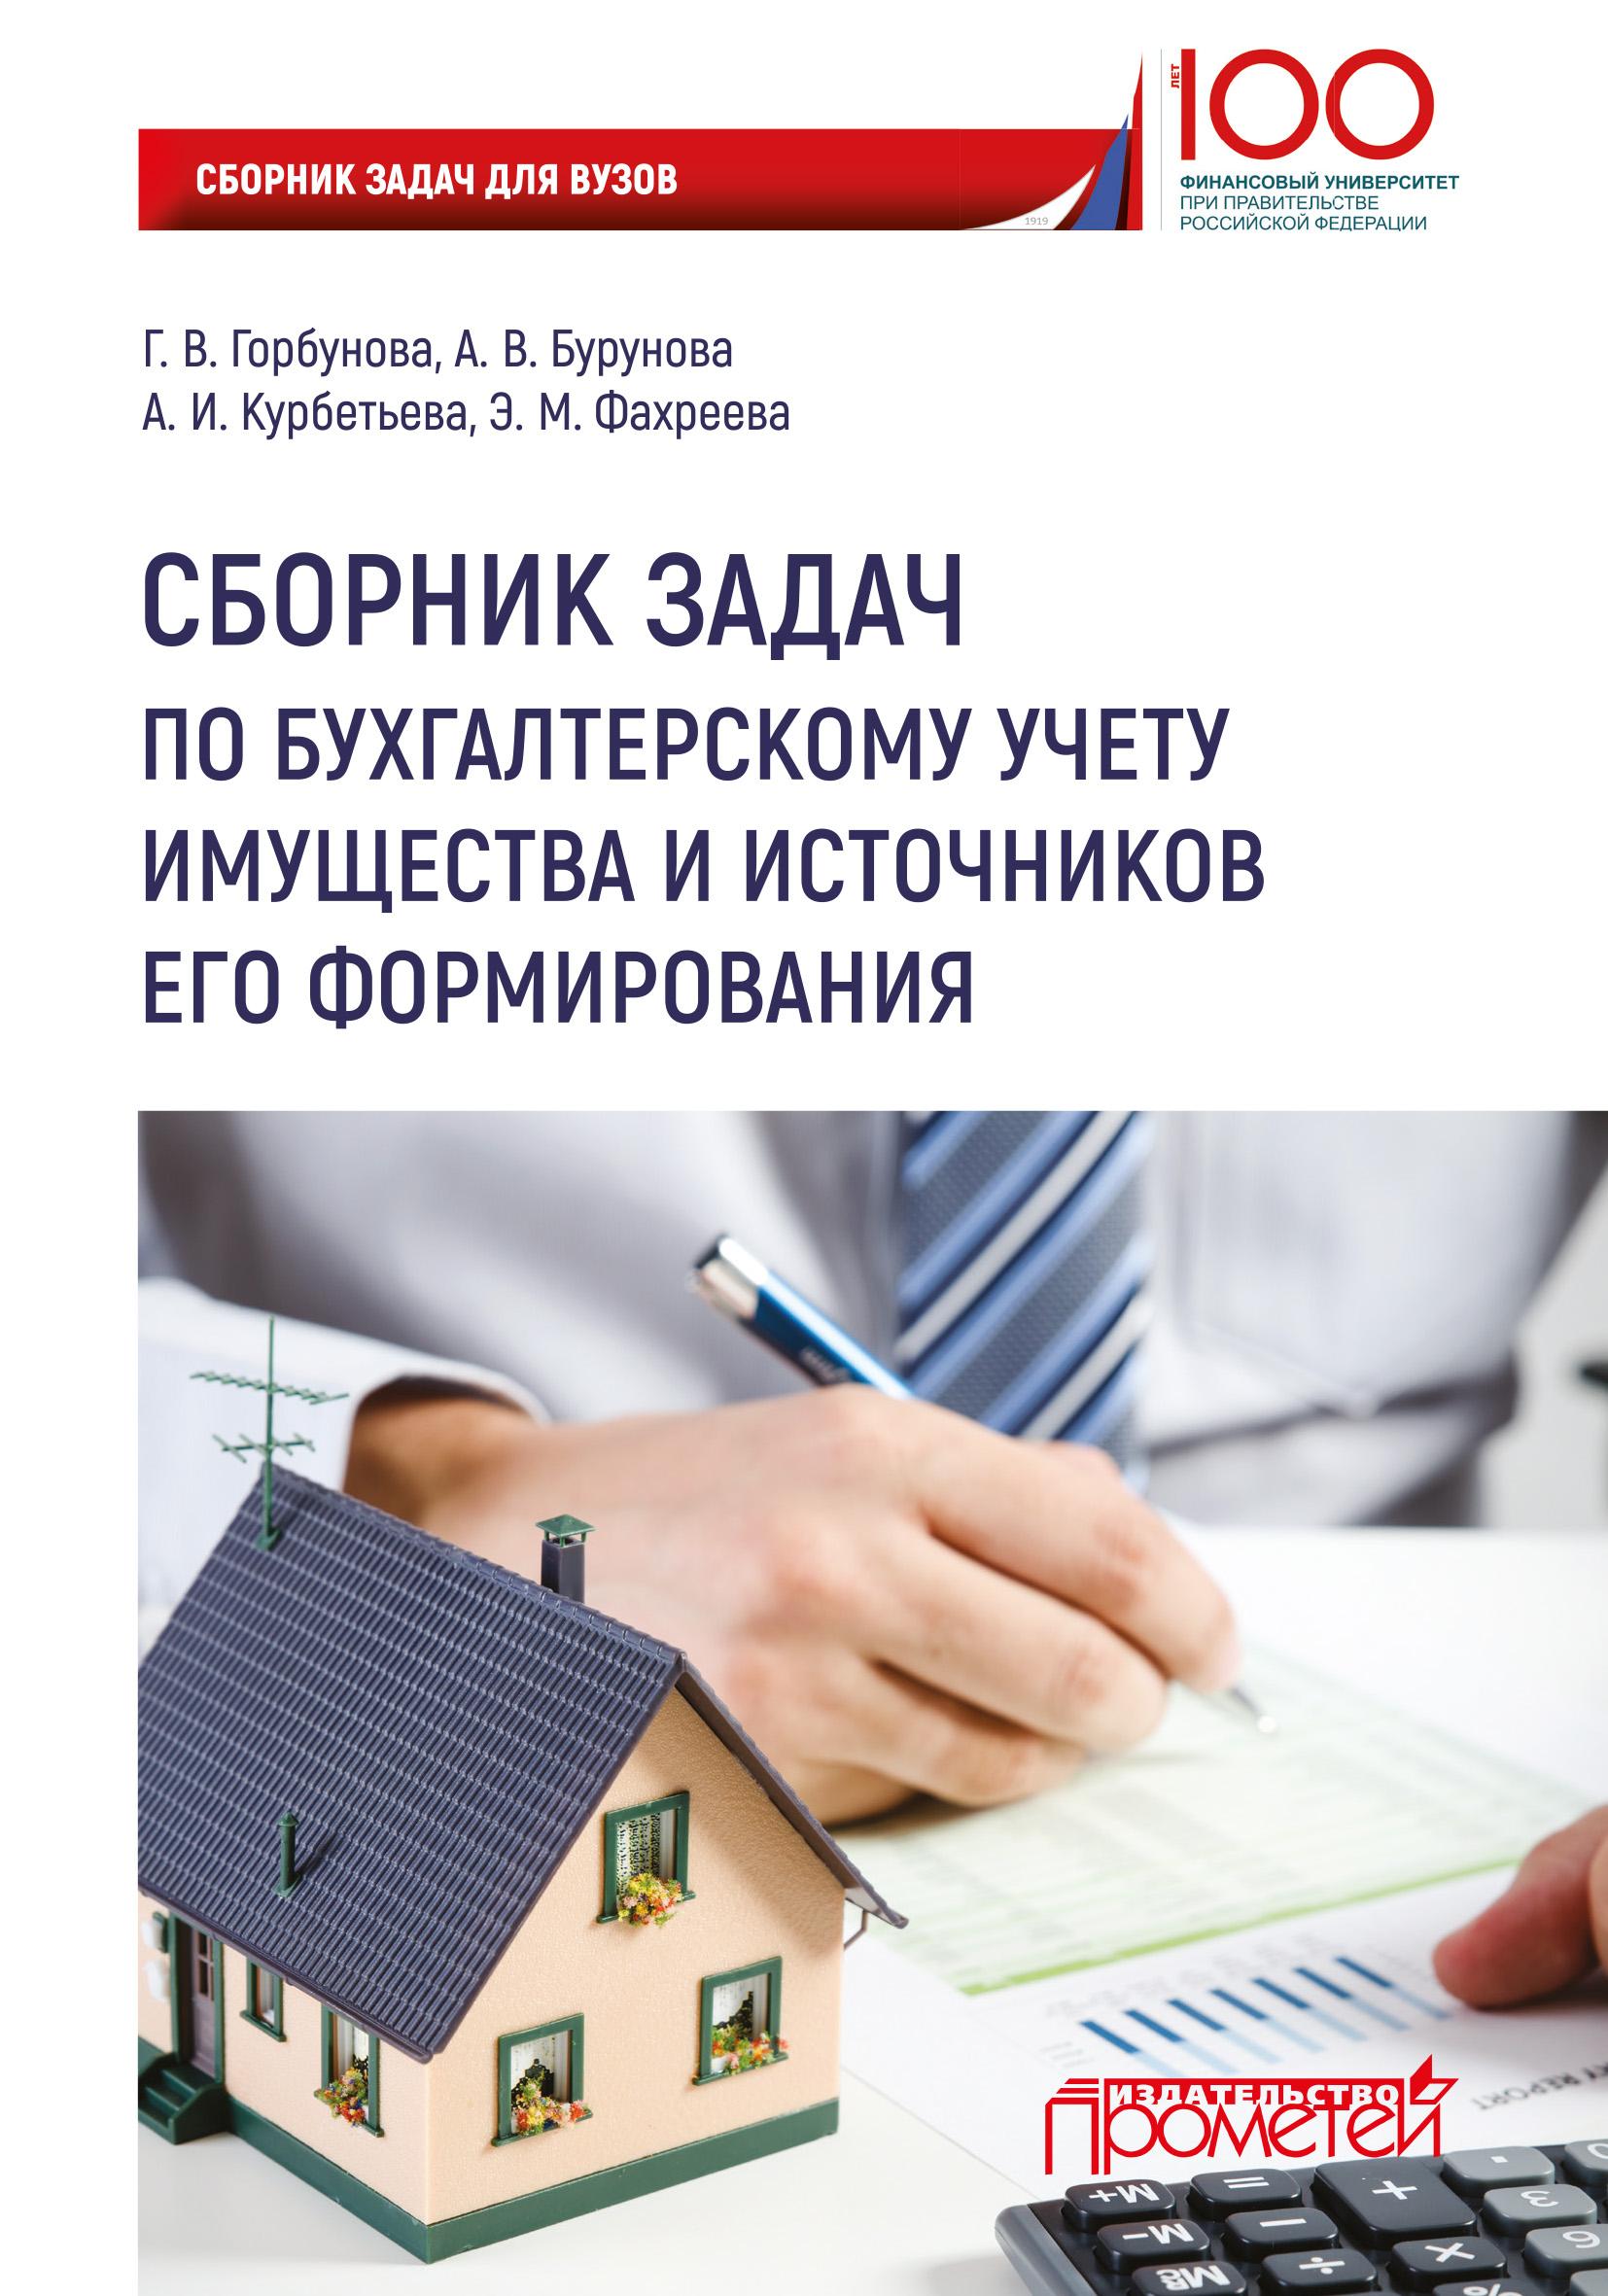 Обложка книги Сборник задач по бухгалтерскому учету имущества и источников его формирования